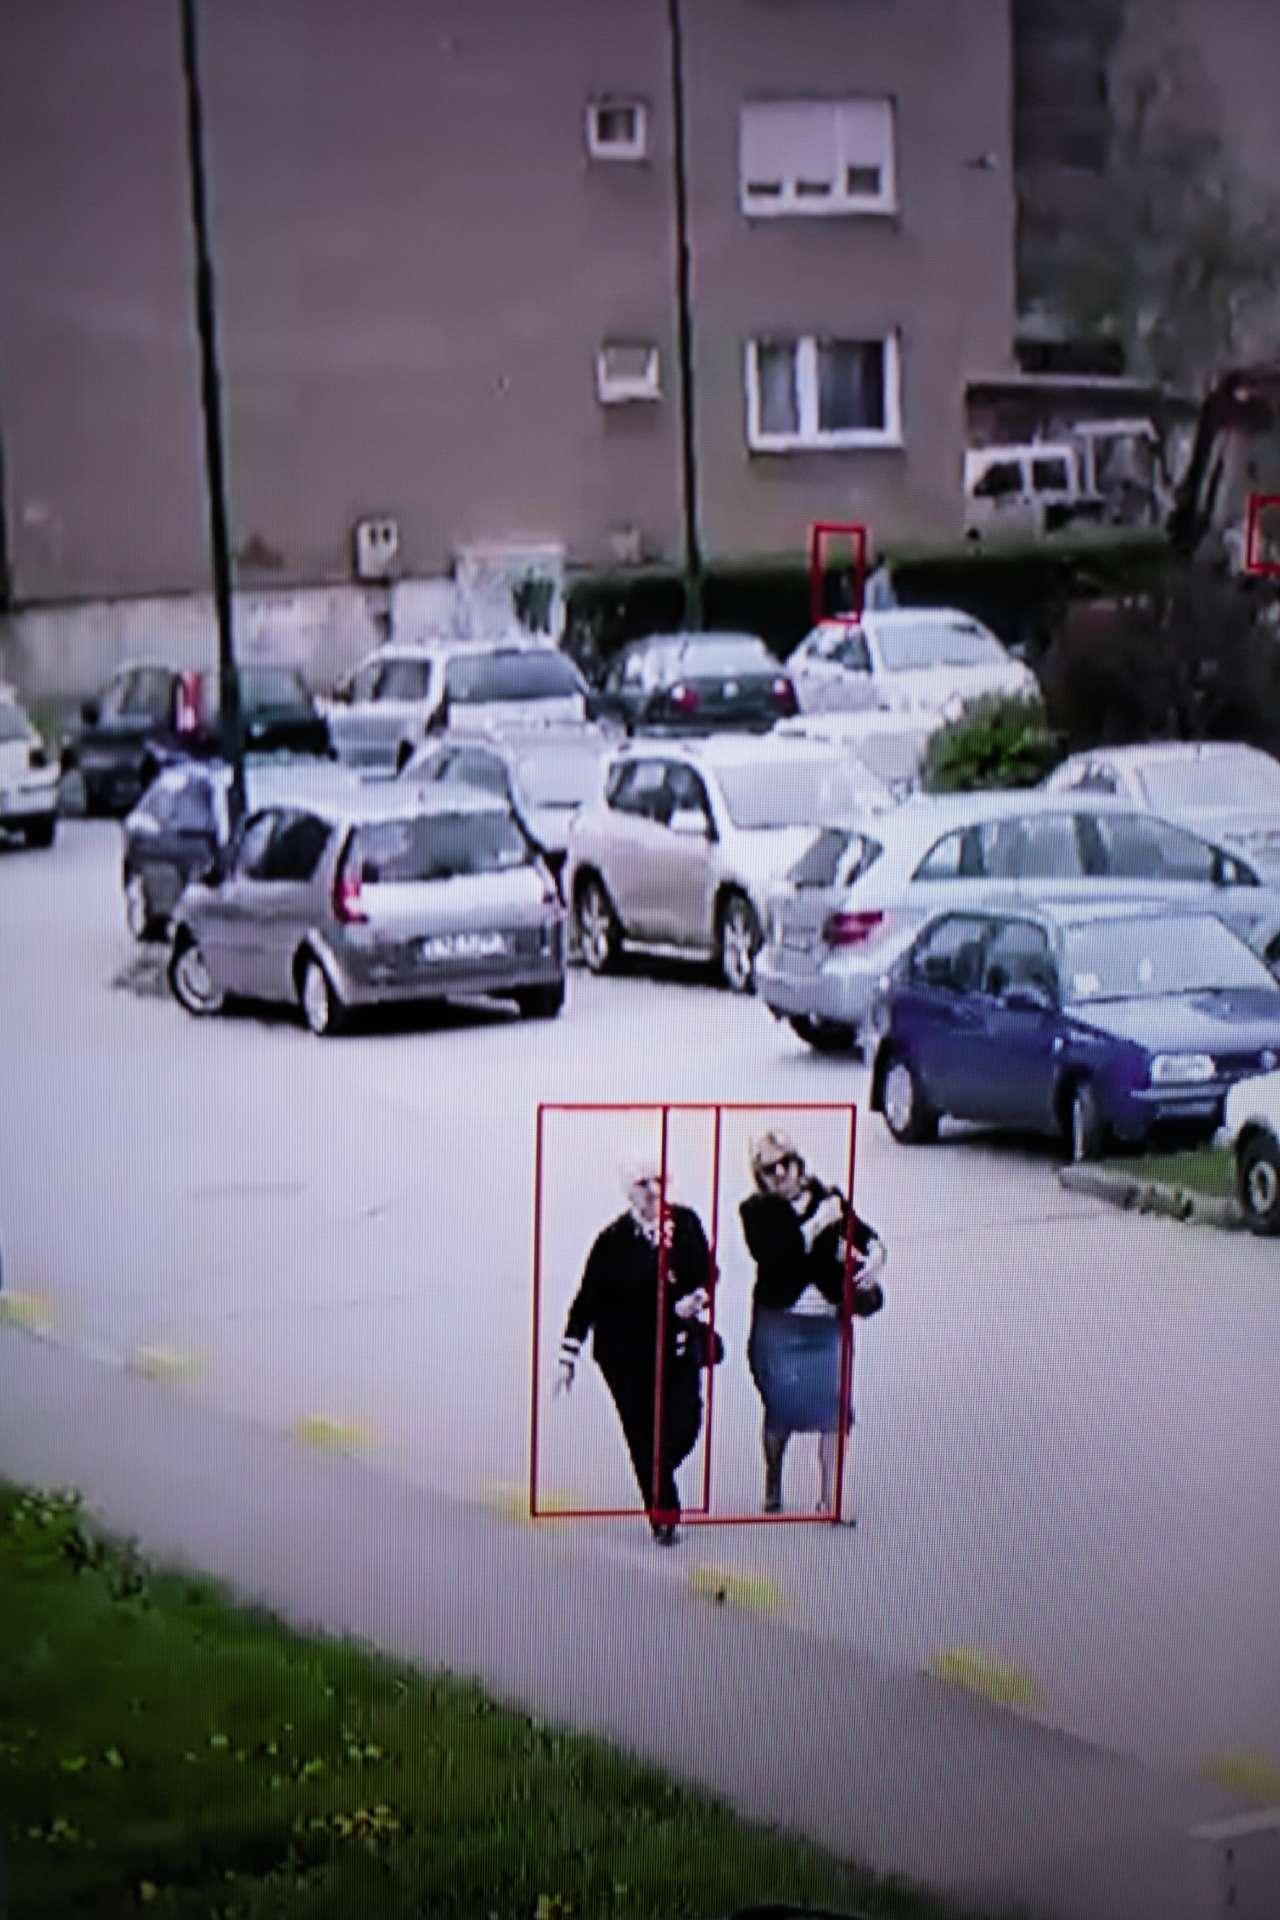 Les photographes Daniel Tepper et Vittoria Mentasti ont séjourné pendant plusieurs semaines, l'an passé, dans la bande de Gaza, afin d'interroger des survivants d'attaques de drones. Une arme sans pilote, furtive, qui nourrit les fantasmes… Ici, une capture d'écran du logiciel permettant au drone de détecter les mouvements et les silhouettes humaines.